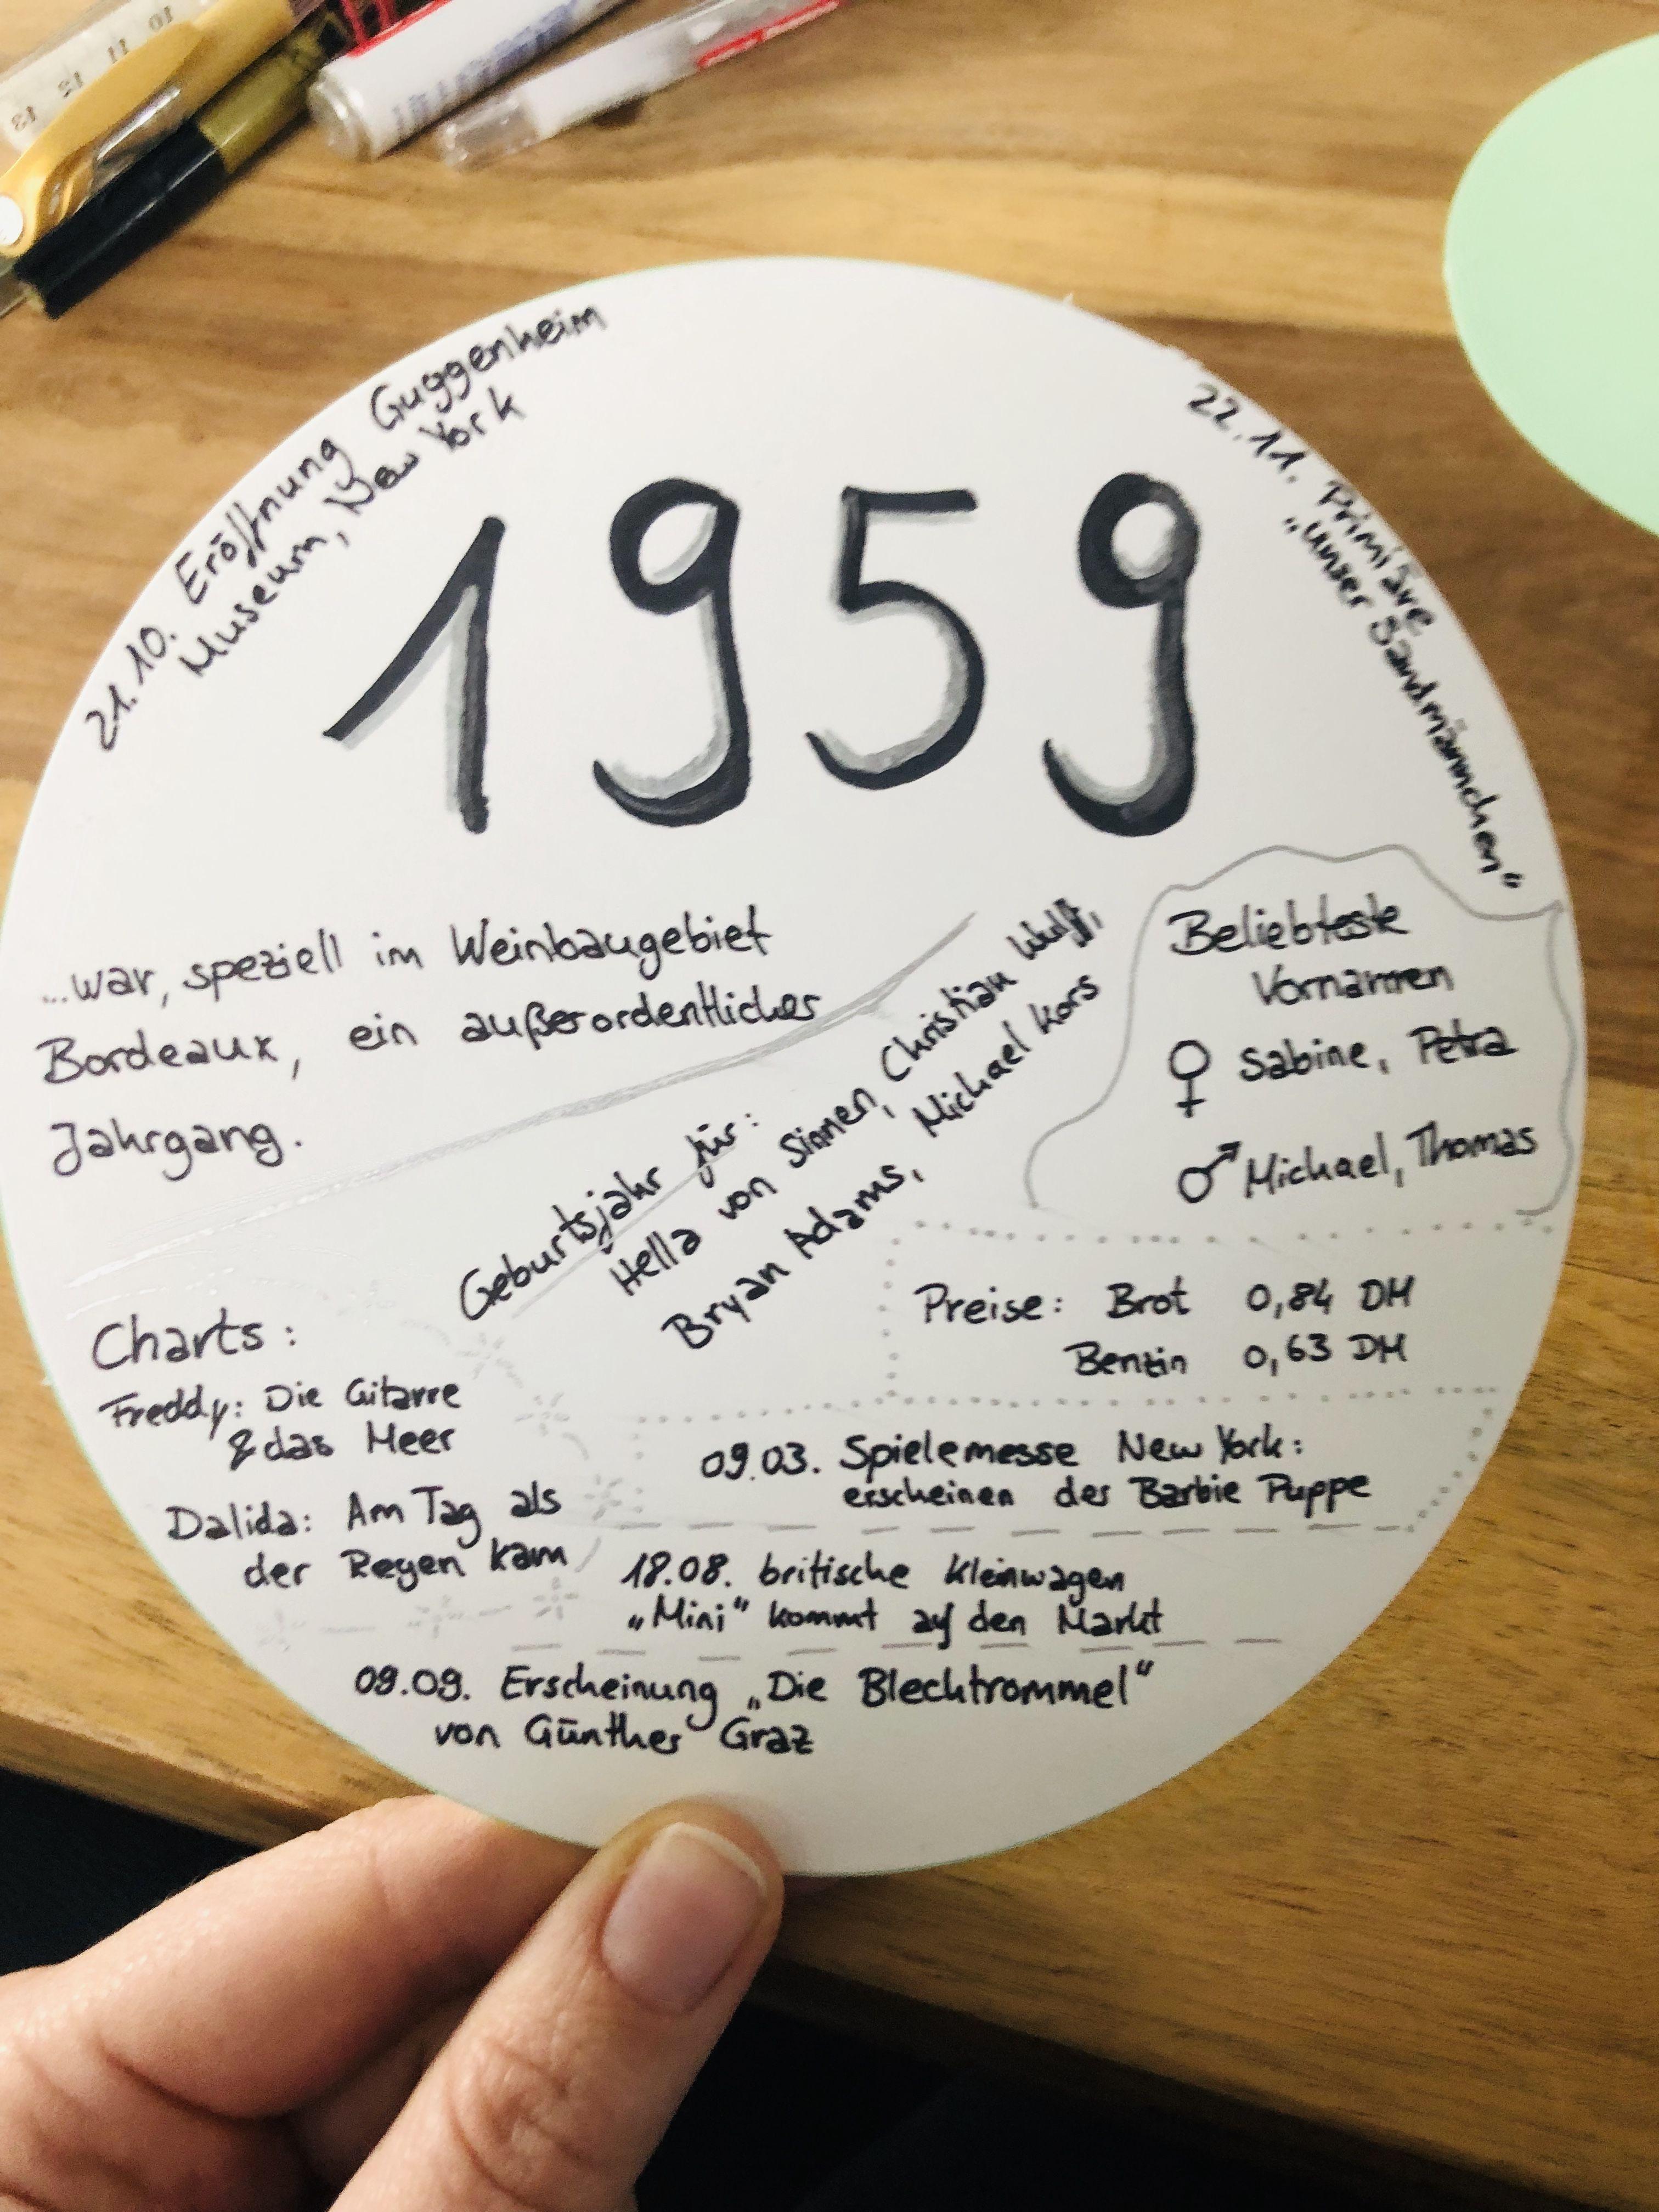 Fakten 1959 In 2020 60 Geburtstag Ideen Hochzeitsgeschenke Ideen Geldgeschenke Geburtstag